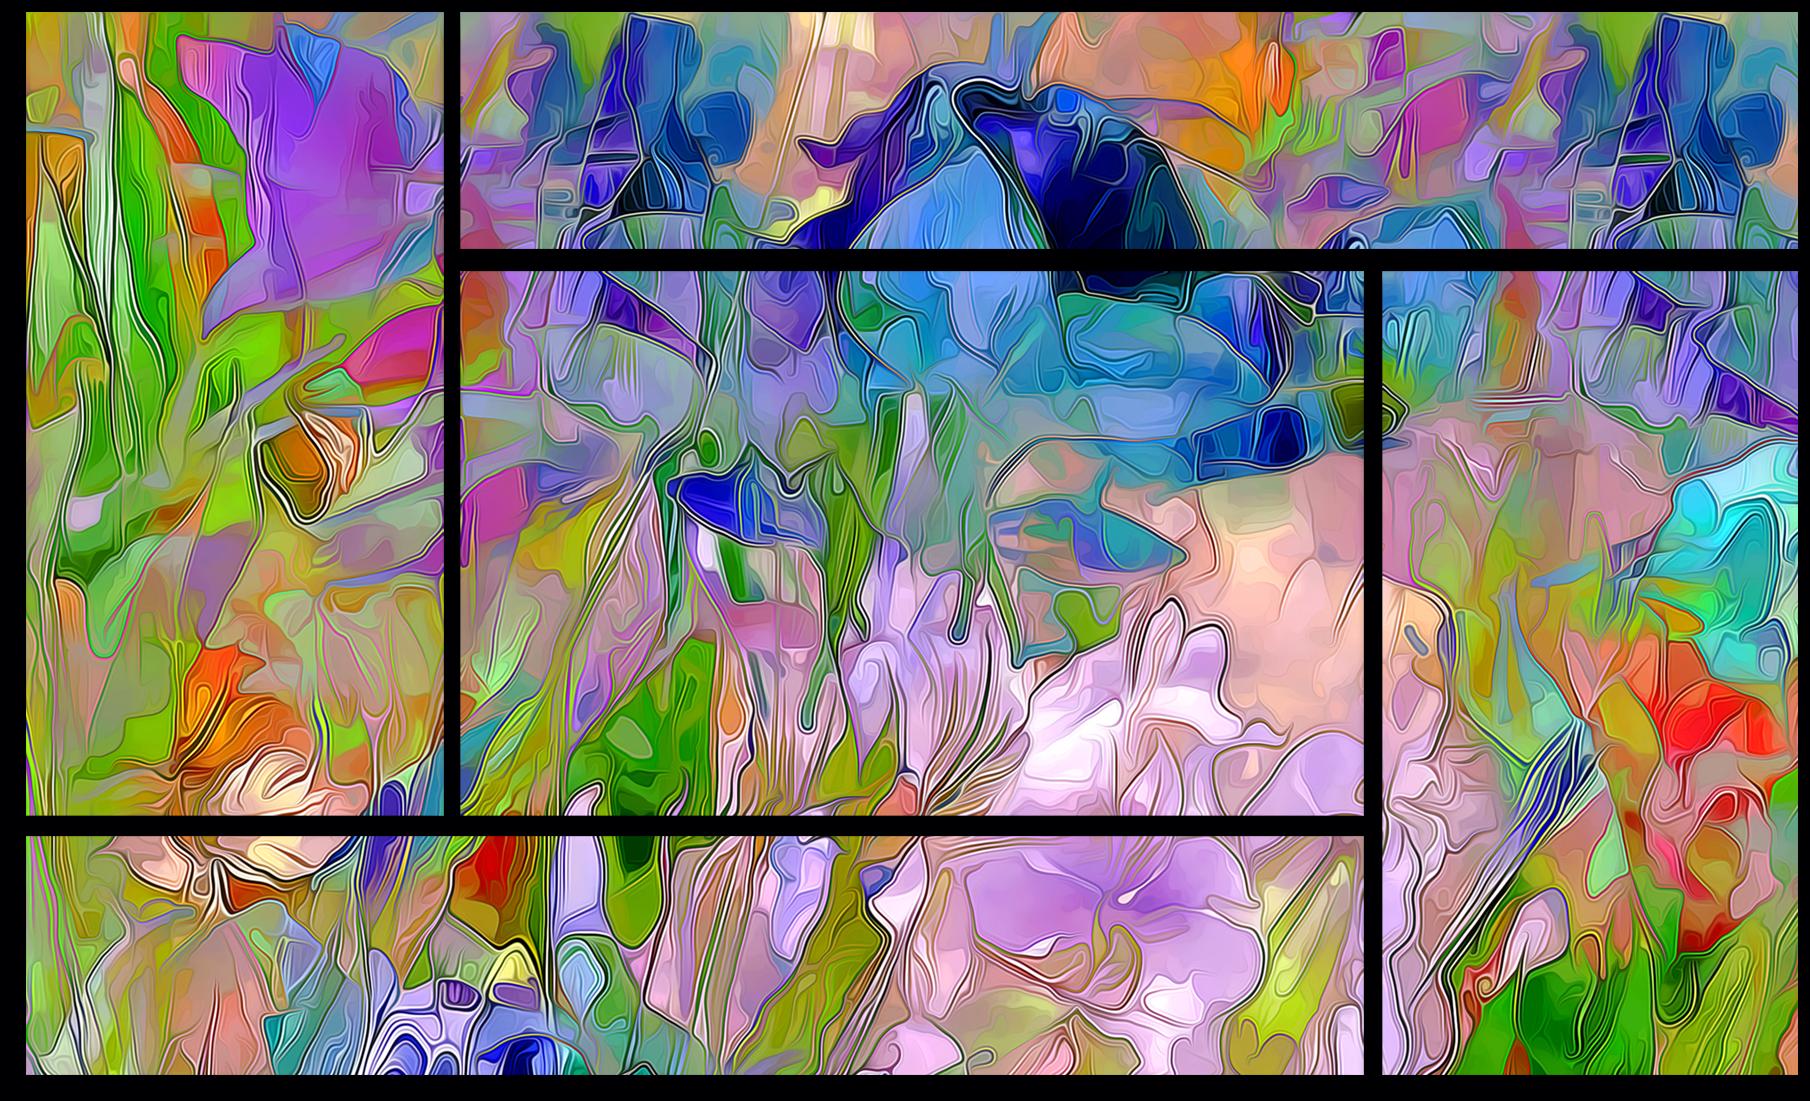 розы картинка полотно цветов было отправлено